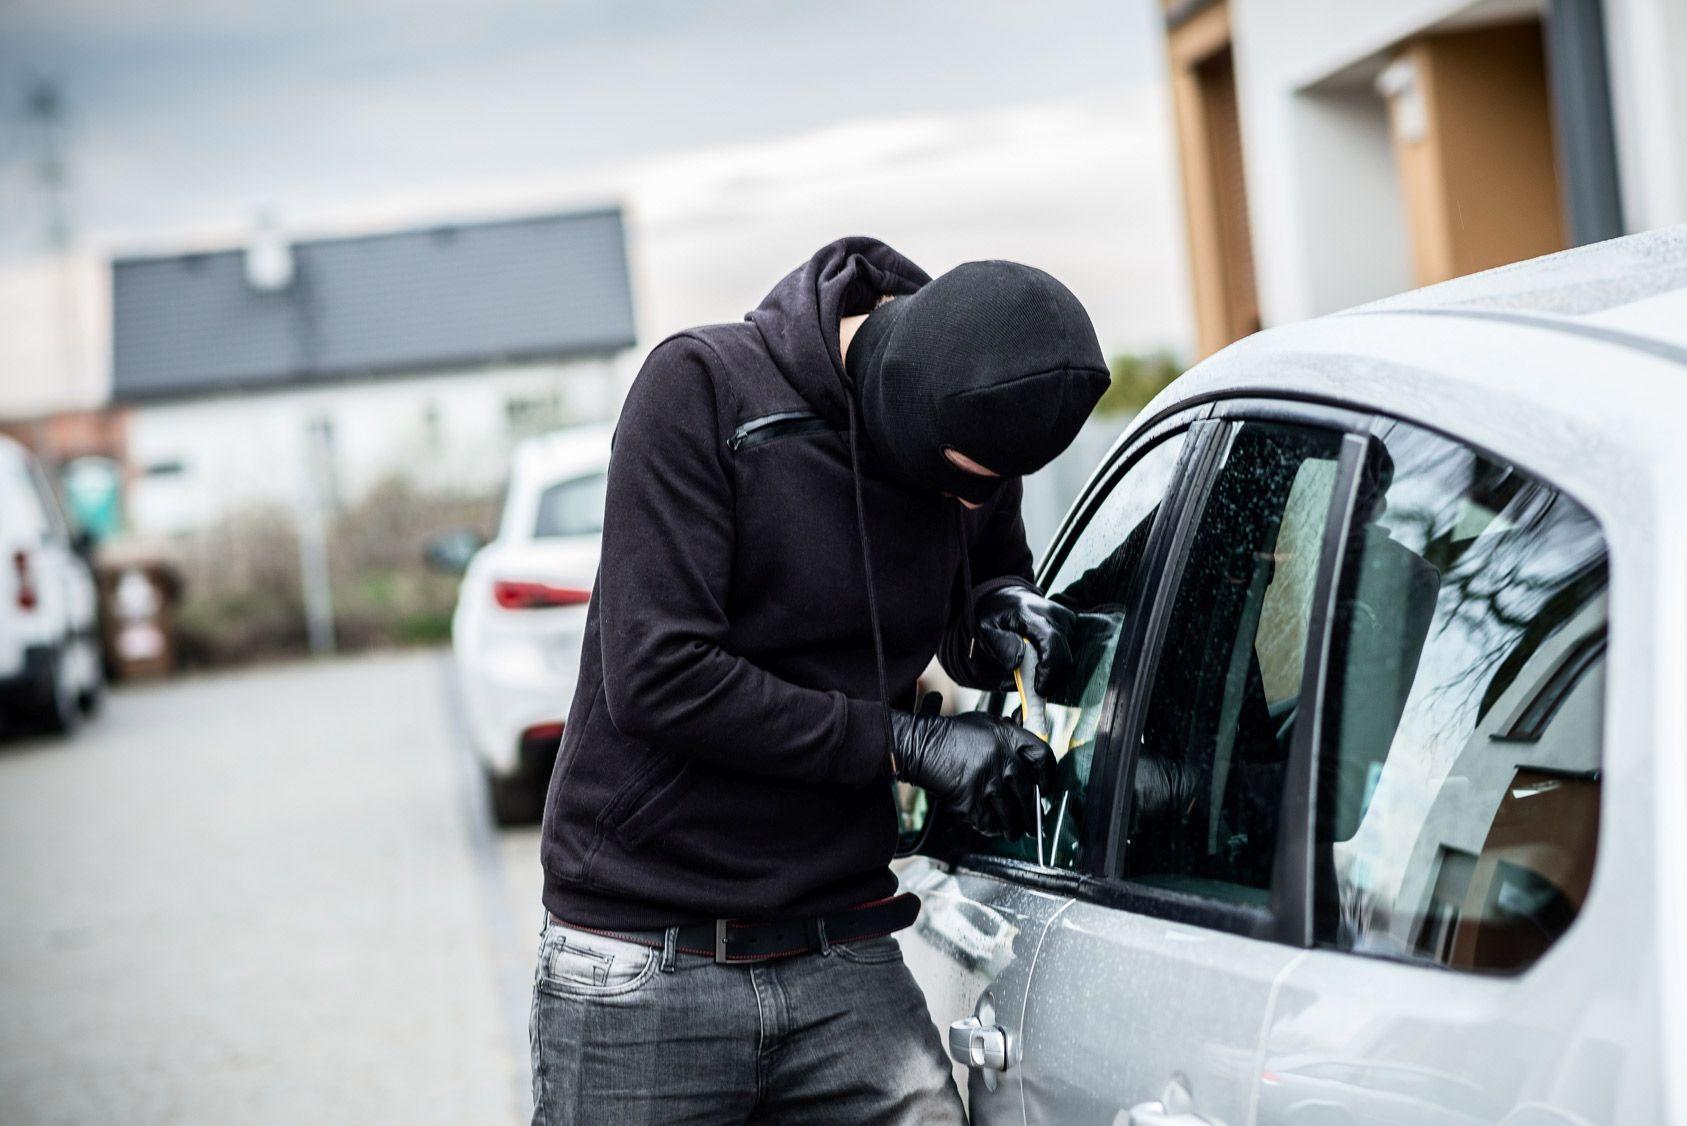 Le palmarès 2017 des voitures les plus volées en France